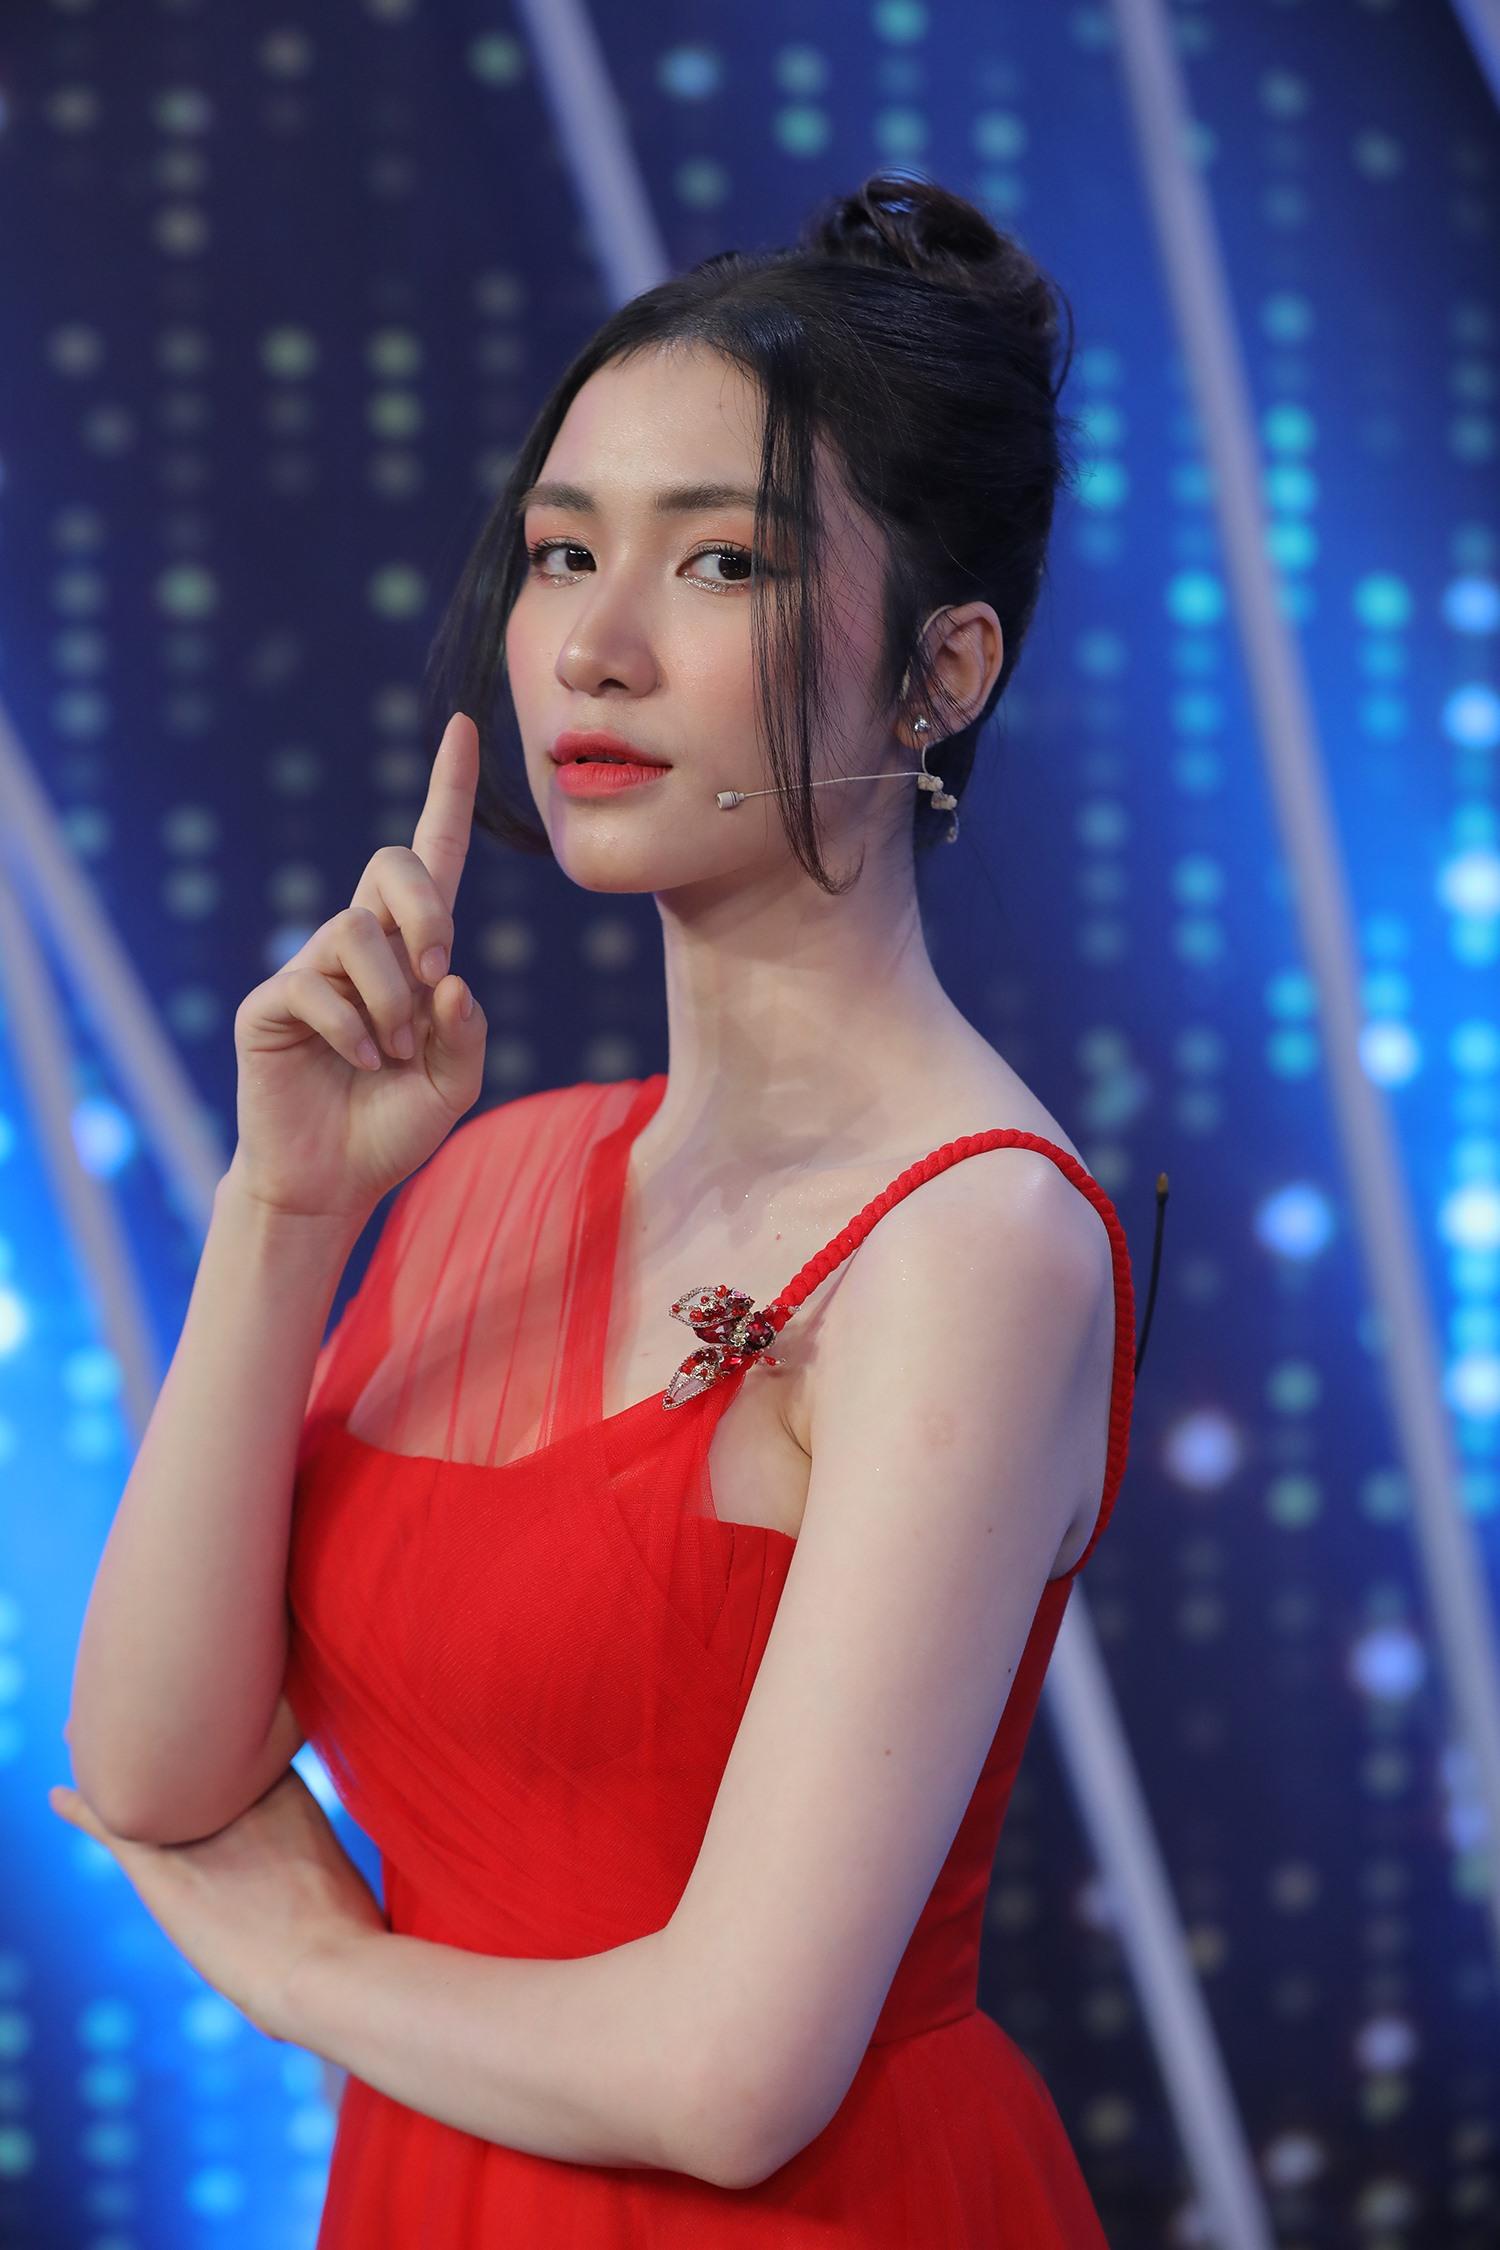 Sao Việt bị tố mắc bệnh ngôi sao: Trấn Thành không cho fan chụp ảnh, Sơn Tùng M-TP bỏ show 6